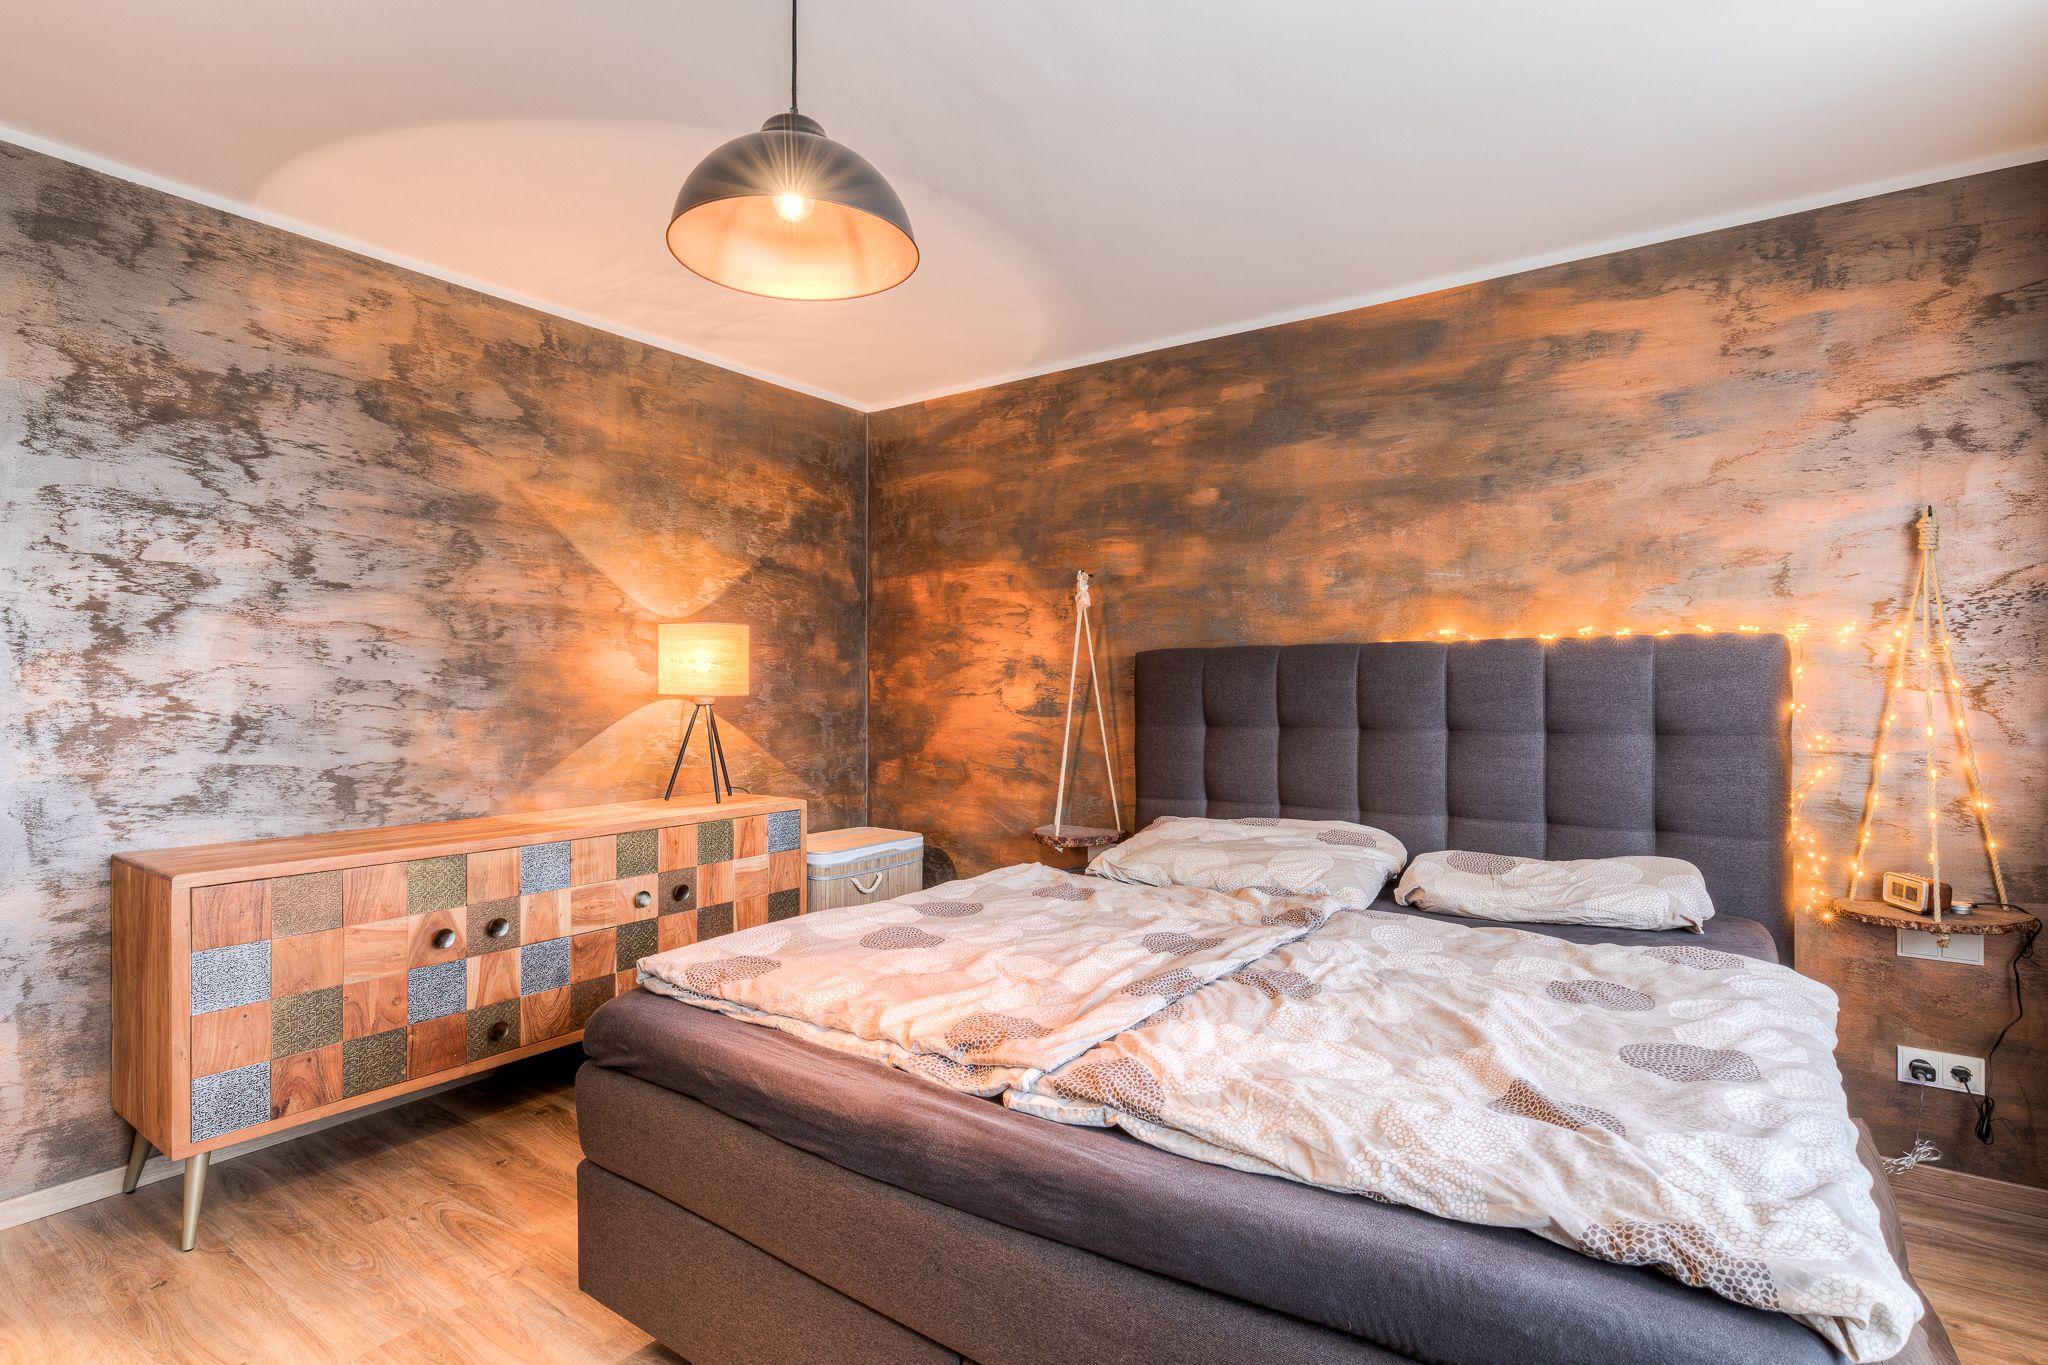 Schlafzimmer altes Haus renovieren Steiner2 - Wie man alten Häusern neues Leben einhaucht